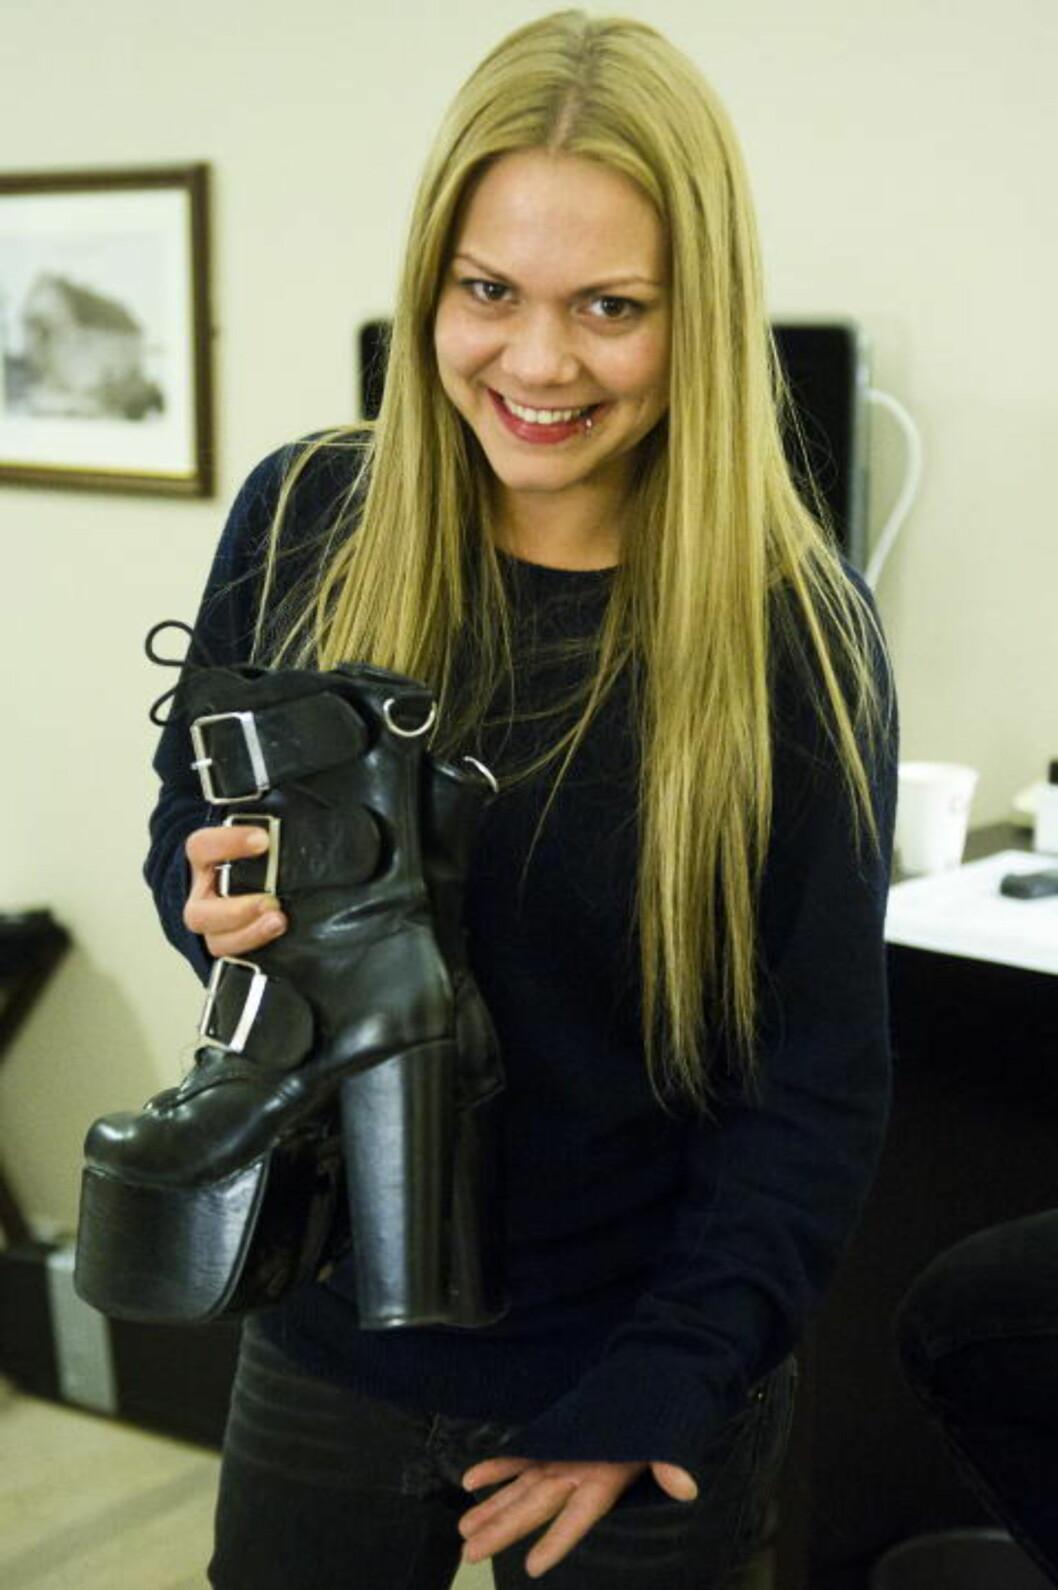 <strong>HØYE HÆLER:</strong> Isabella Leroy er fortsatt i tvil om hun skal bruke disse hælene på scenen i kveld. Foto: Håkon Eikesdal